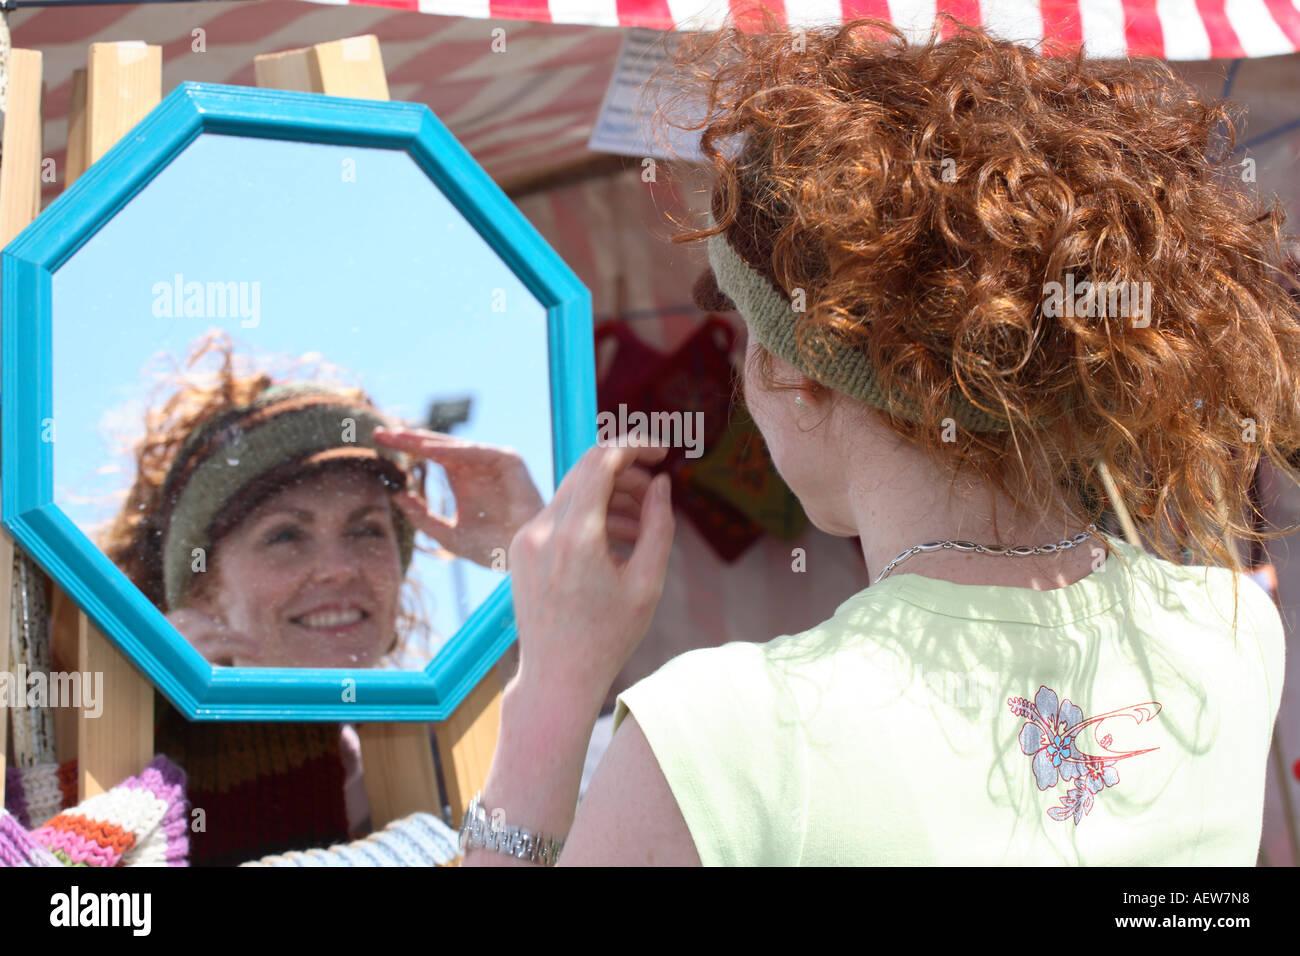 Mädchen an Verkaufsautomaten stall verkaufen Wollens, Hut, junge Frau tragen & Verkauf woolly Hüte auf sonnigen Tag Portsoy, Morayshire in der Nähe von Inverness Schottland Großbritannien Stockbild